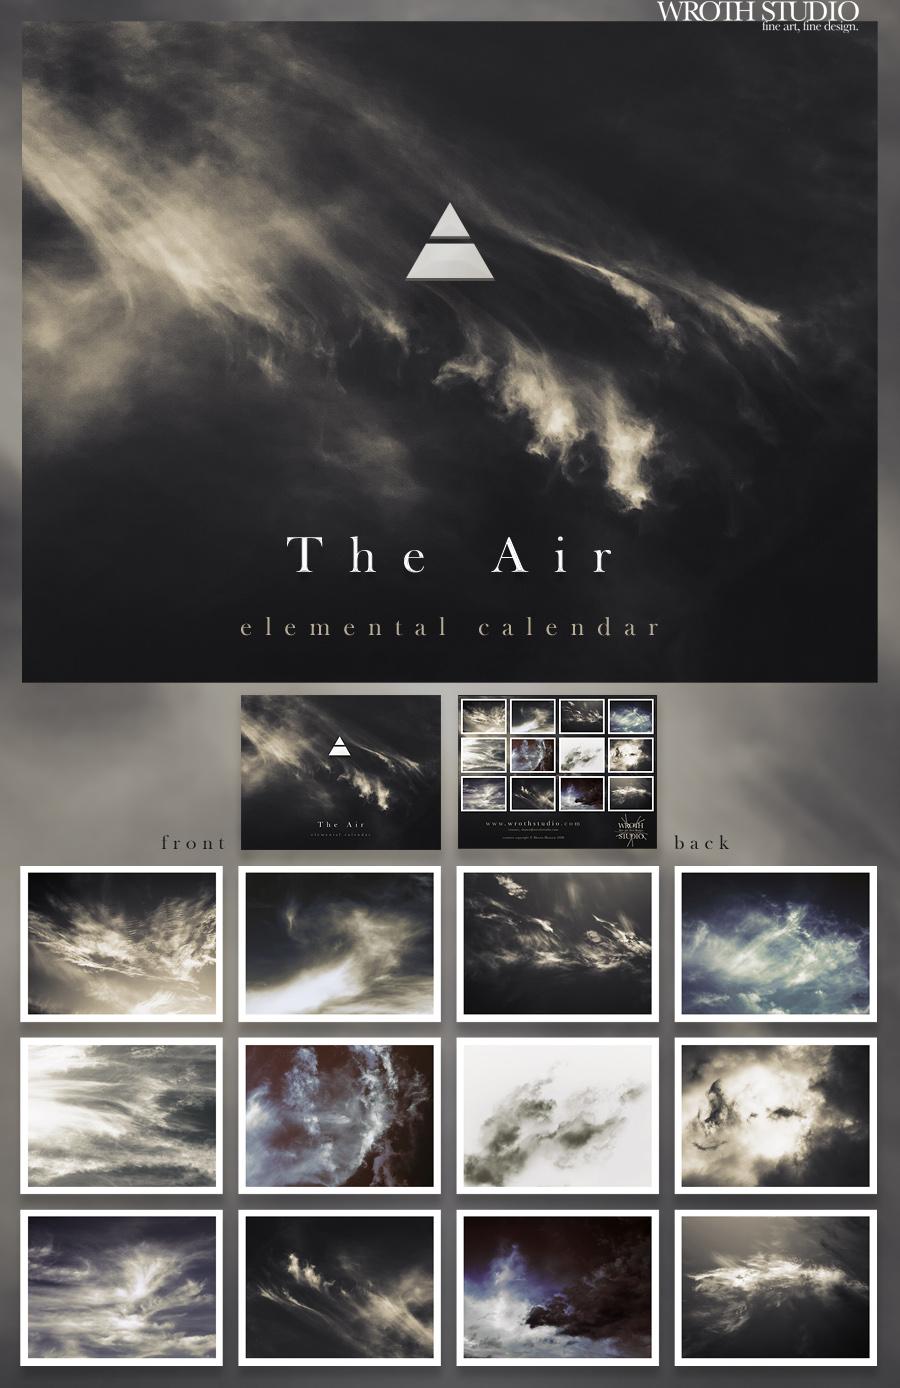 The Air Calendar by wroth